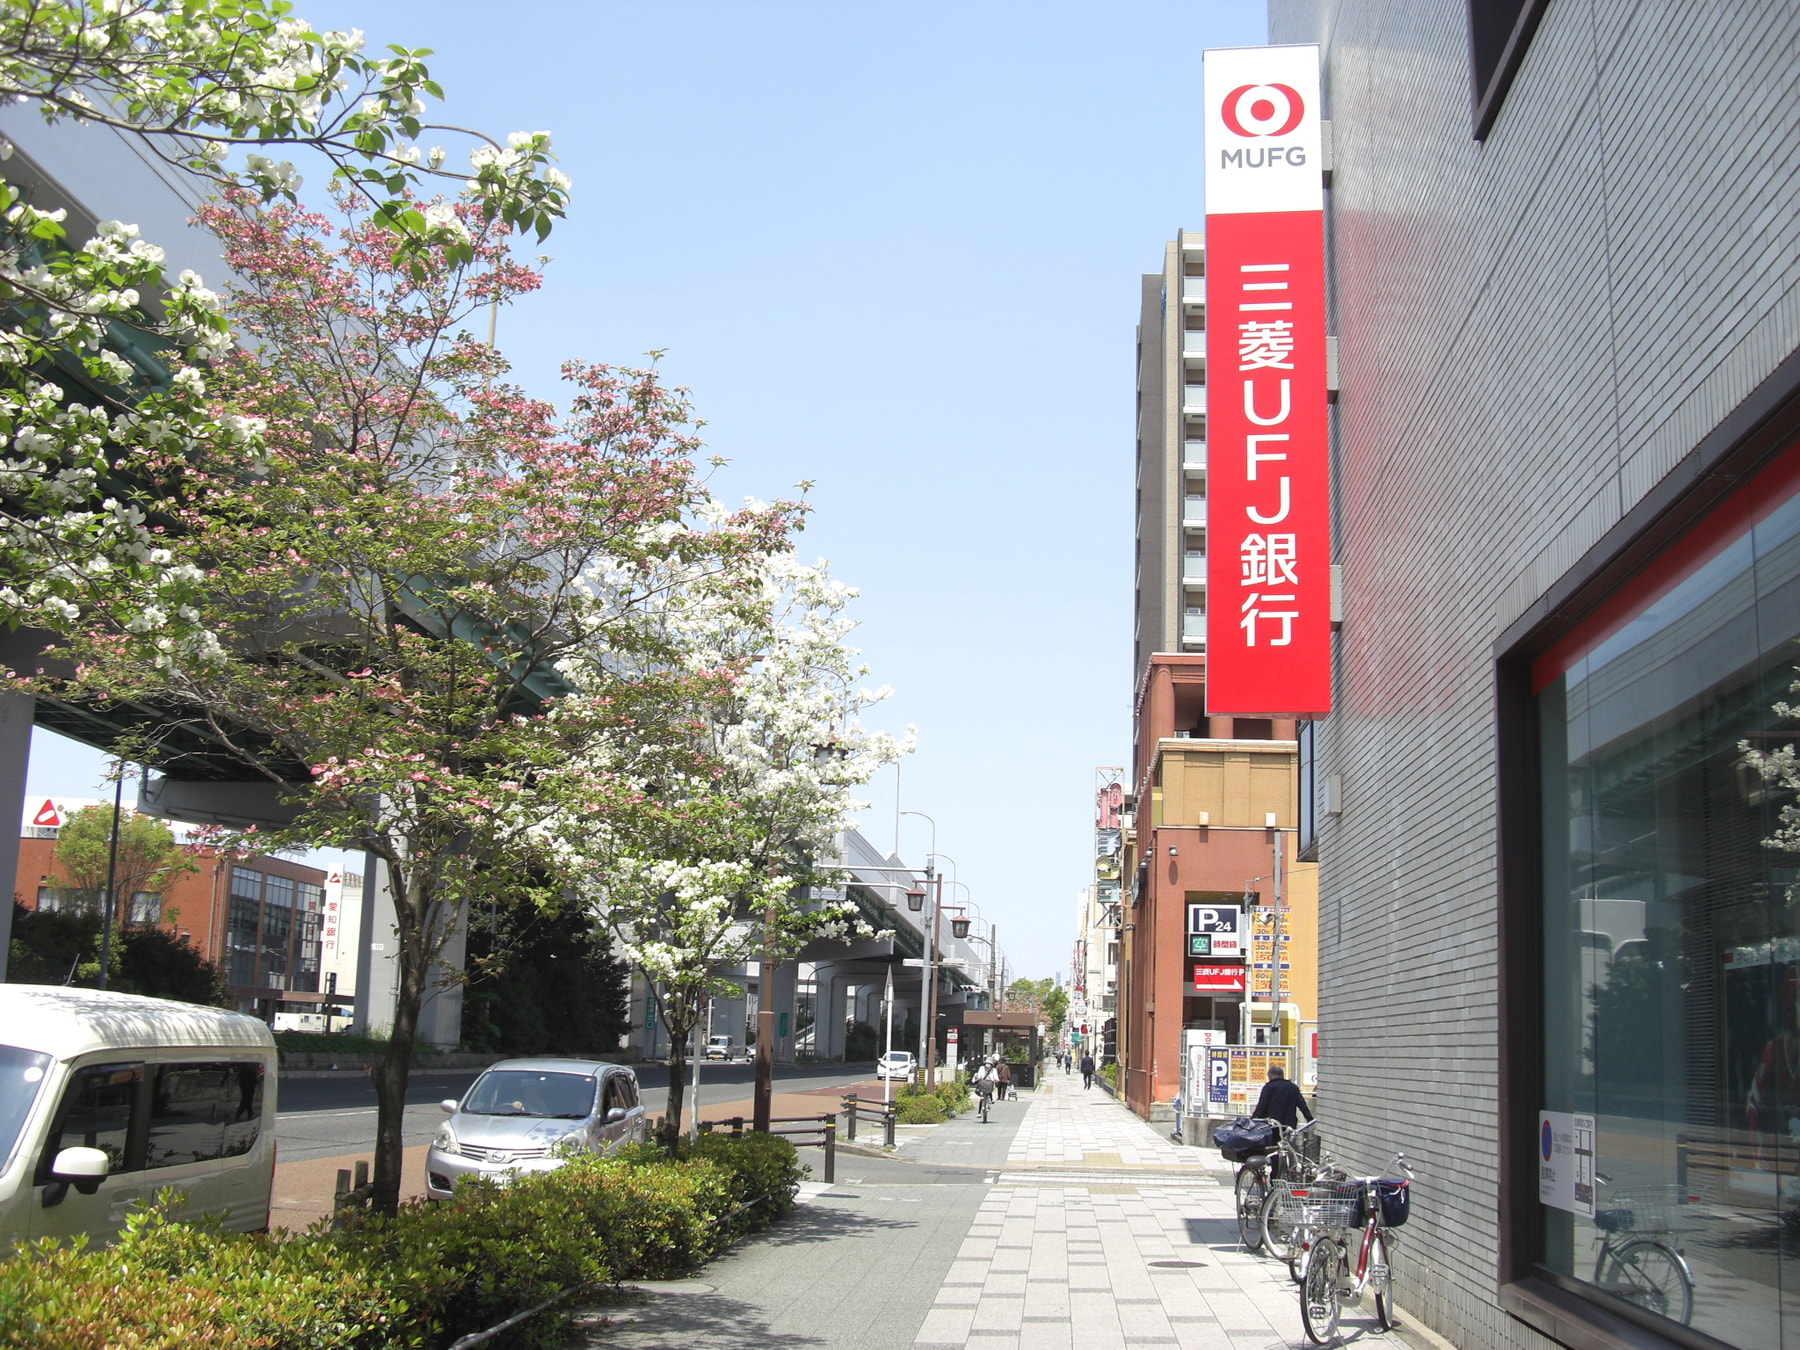 UFJ銀行の方へ真っ直ぐ歩いてください。